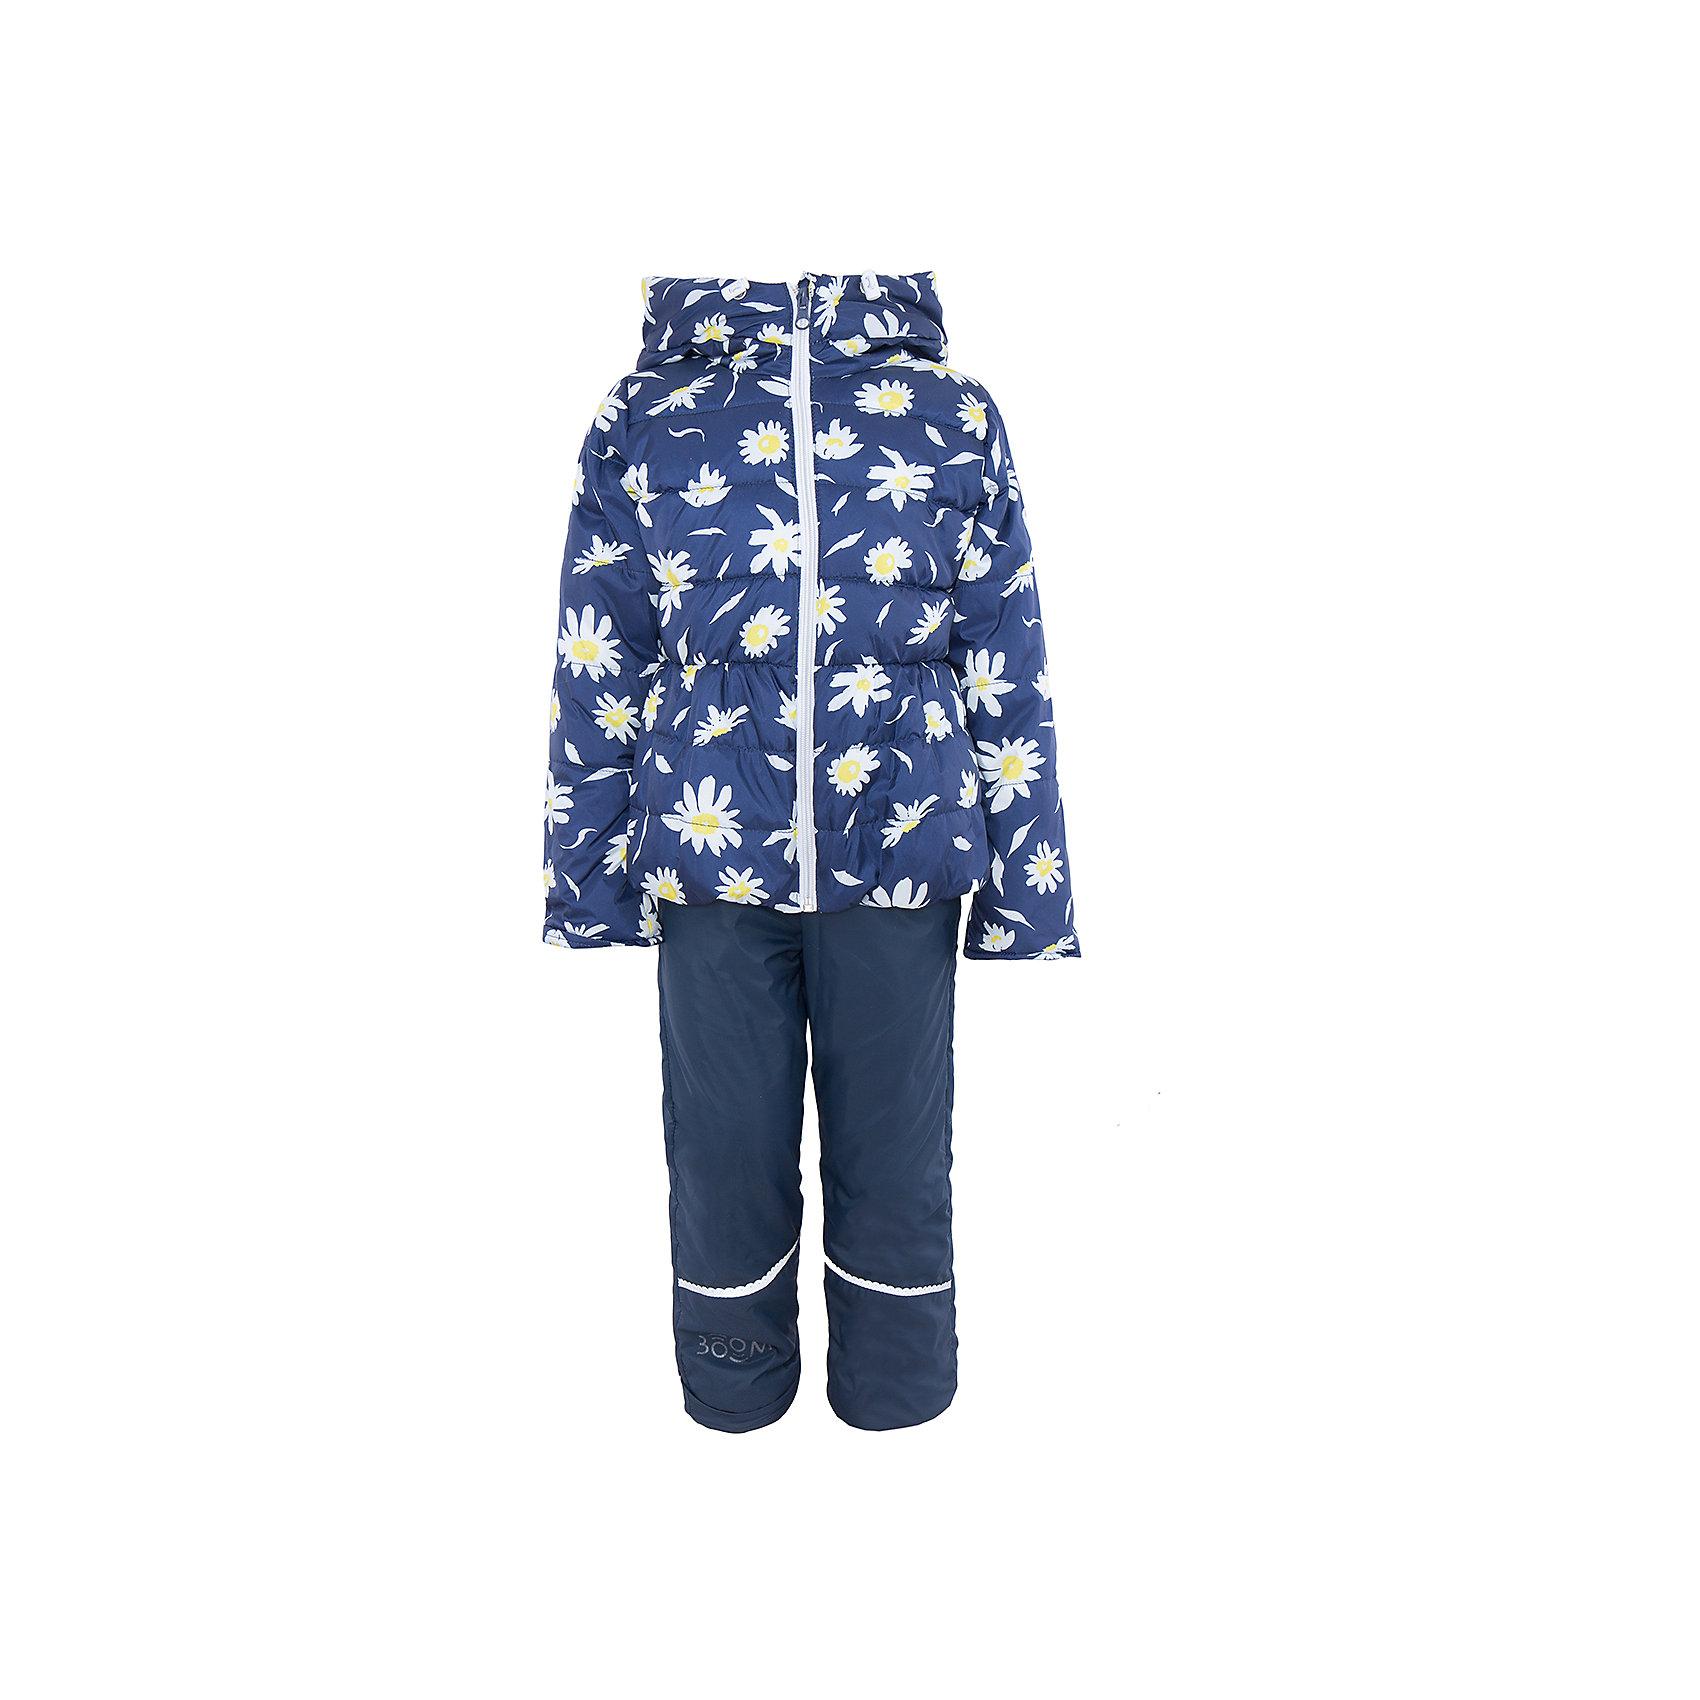 Комплект для девочки BOOM by OrbyВерхняя одежда<br>Характеристики товара:<br><br>• цвет: синий<br>• состав: <br>курточка: верх - таффета, подкладка - поликоттон, полиэстер, утеплитель: эко-синтепон 150 г/м2<br>брюки: верх - таффета, подкладка - флис<br>• комплектация: куртка, брюки<br>• температурный режим: от -5 С° до +10 С° <br>• из непромокаемой ткани, с водо и грязеотталкивающими пропитками<br>• застежка - молния<br>• благодаря манжетам-отворотам значительно регулируется размер<br>• куртка декорирована принтом<br>• комфортная посадка<br>• страна производства: Российская Федерация<br>• страна бренда: Российская Федерация<br>• коллекция: весна-лето 2017<br><br>Такой комплект - универсальный вариант для межсезонья с постоянно меняющейся погодой. Эта модель - модная и удобная одновременно! Изделие отличается стильным ярким дизайном. Куртка и брюки хорошо сидят по фигуре, отлично сочетается с различной обувью. Модель была разработана специально для детей.<br><br>Одежда от российского бренда BOOM by Orby уже завоевала популярностью у многих детей и их родителей. Вещи, выпускаемые компанией, качественные, продуманные и очень удобные. Для производства коллекций используются только безопасные для детей материалы. Спешите приобрести модели из новой коллекции Весна-лето 2017! <br><br>Комплект для девочки от бренда BOOM by Orby можно купить в нашем интернет-магазине.<br><br>Ширина мм: 356<br>Глубина мм: 10<br>Высота мм: 245<br>Вес г: 519<br>Цвет: синий<br>Возраст от месяцев: 18<br>Возраст до месяцев: 24<br>Пол: Женский<br>Возраст: Детский<br>Размер: 92,116,122,104,86,98,110<br>SKU: 5343630